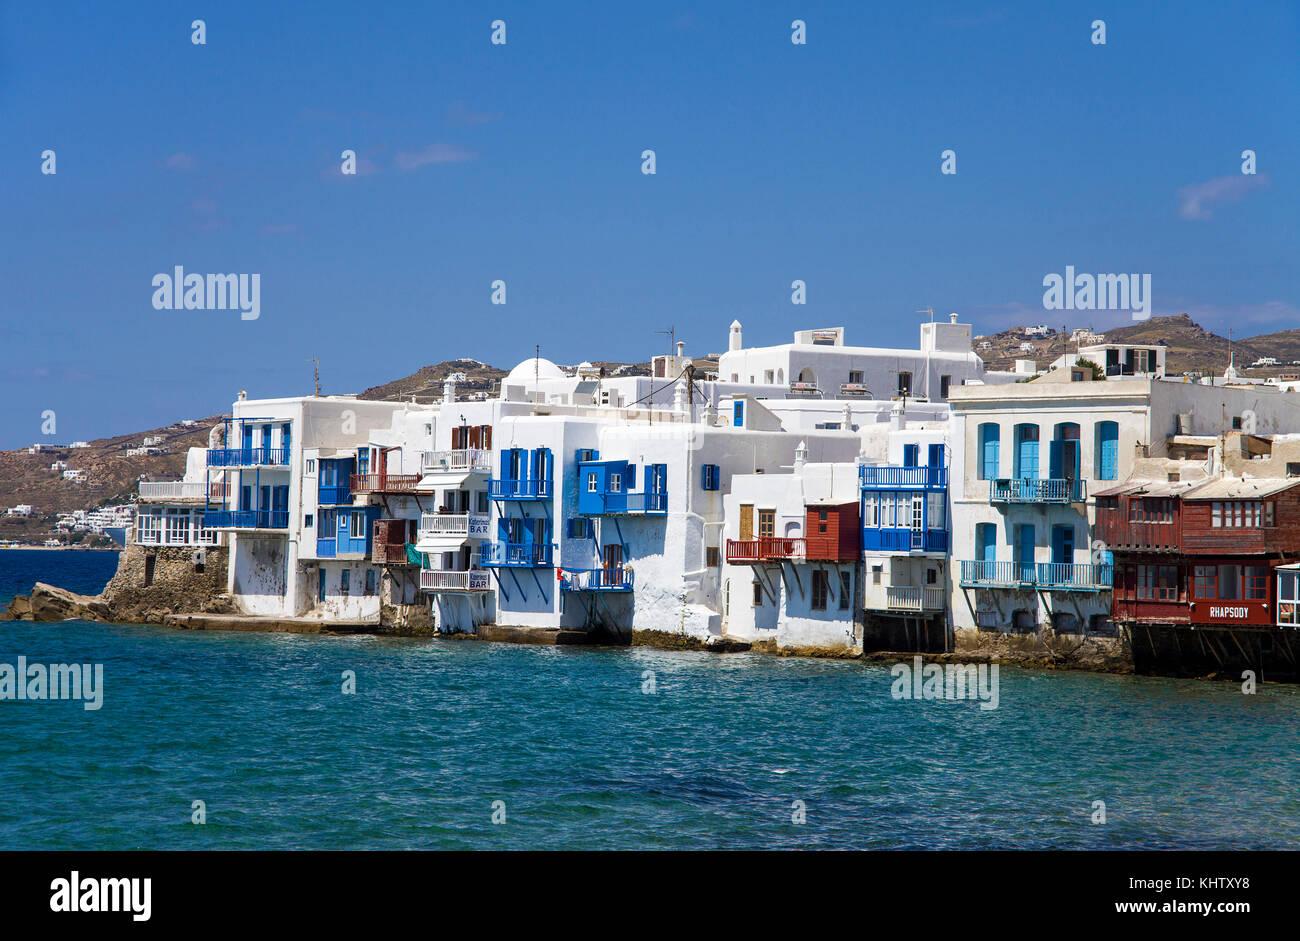 Klein Venedig in Mykonos-Stadt, Little Venice at Mykonos-town, Mykonos island, Cyclades, Aegean, Greece, - Stock Image